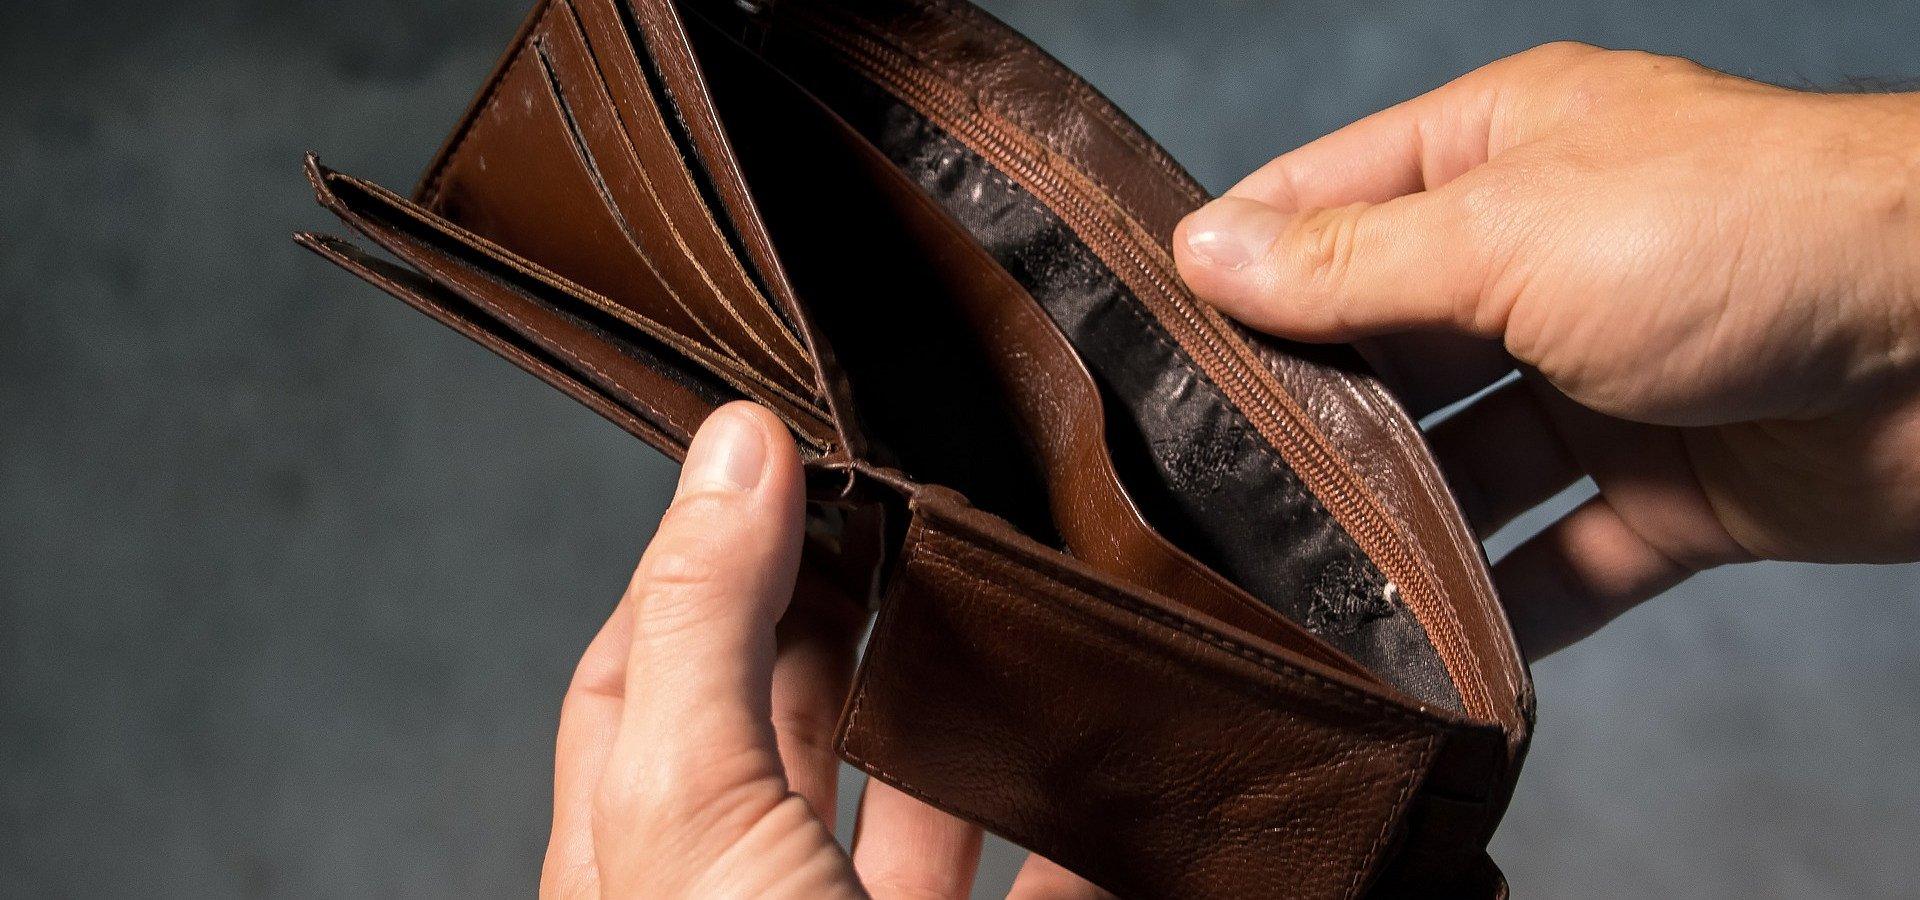 Farmaceuta w małopolsce zarabia słabo?